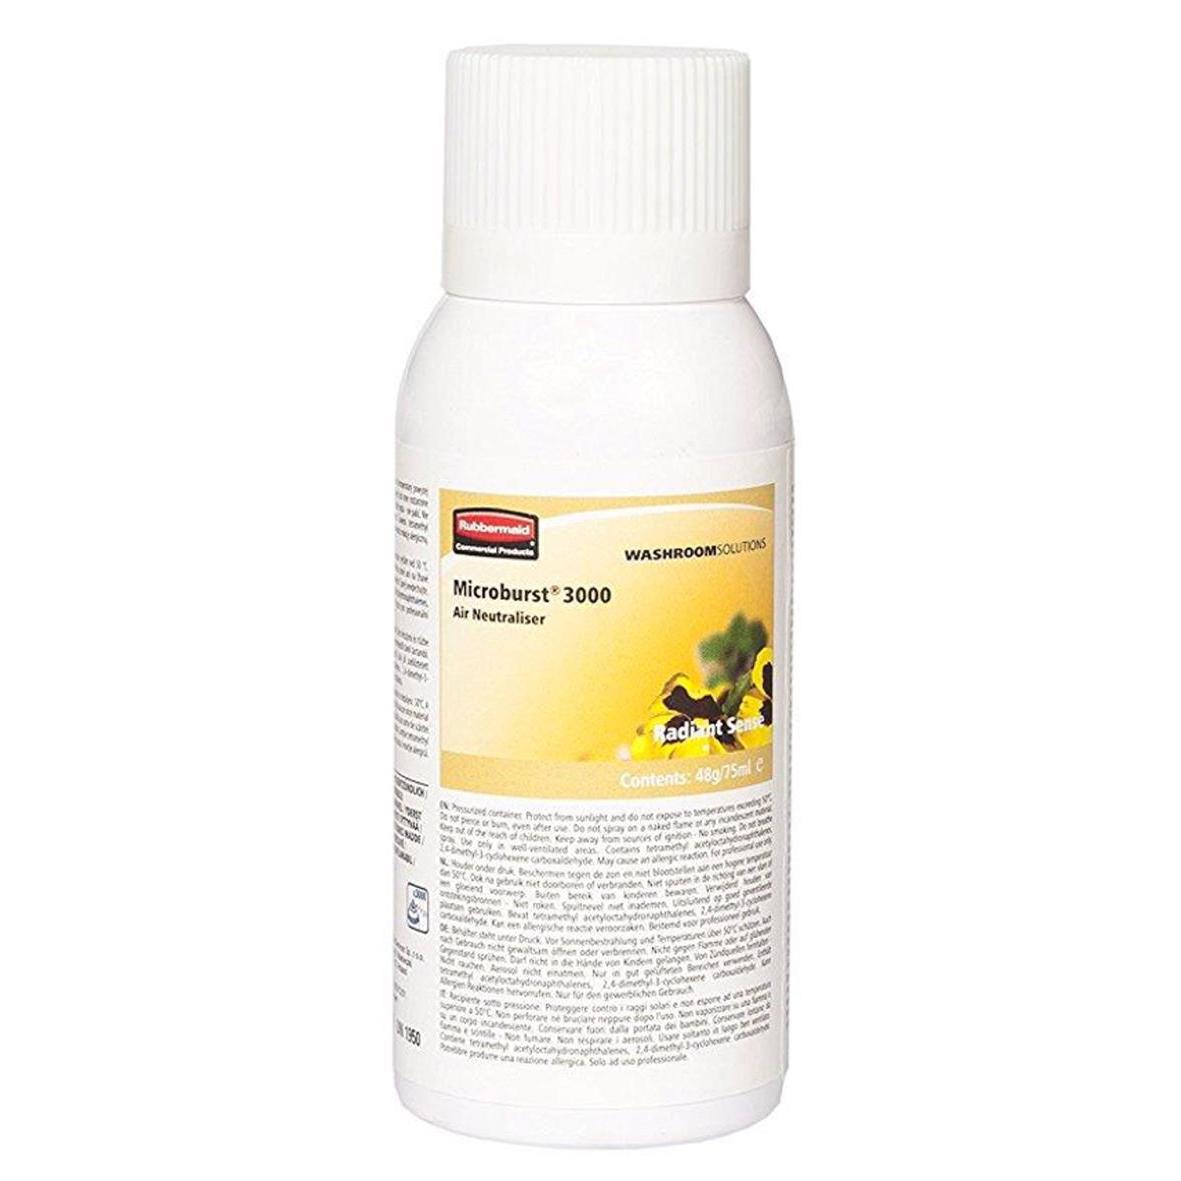 Rubbermaid Microburst Air Freshener Refill 75ml Radiant Sense Ref R0260040 [Pack 12]